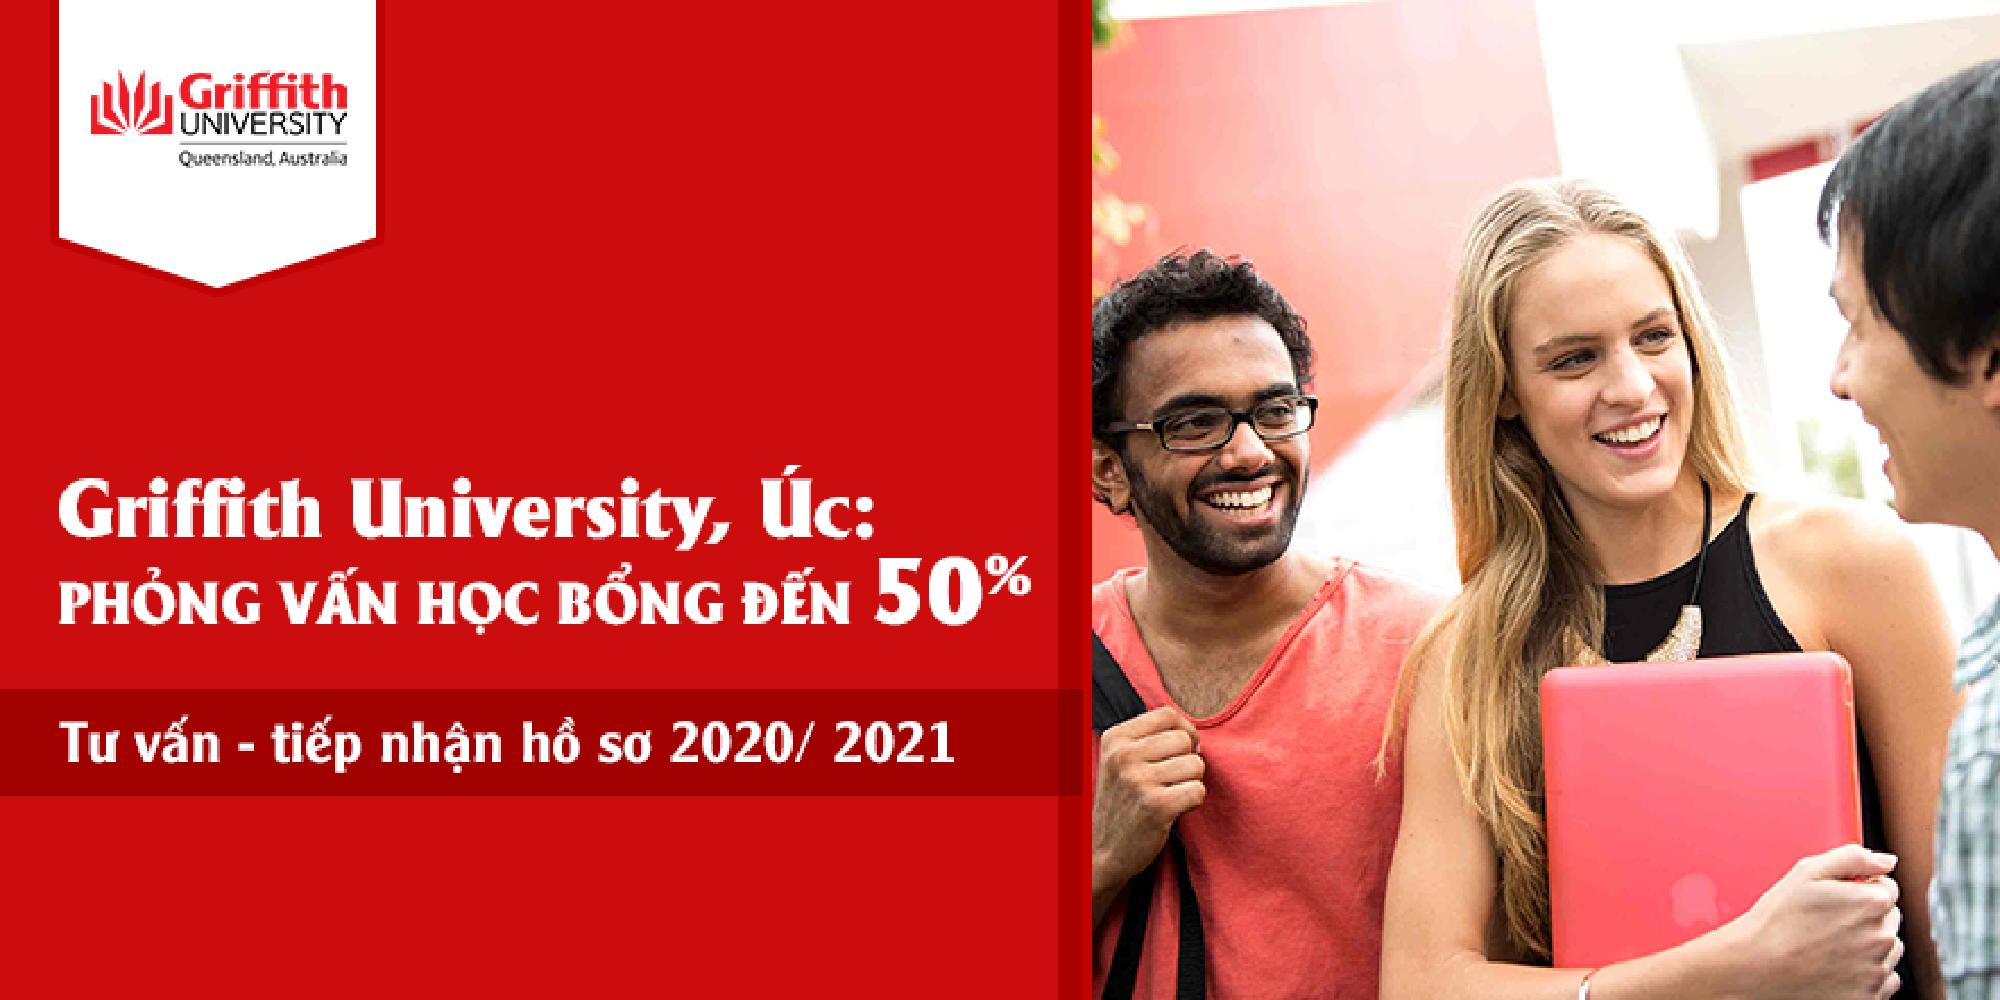 Hội thảo ONLINE với Griffith Univerity : Phỏng vấn học bổng đến 50% học phí  năm học 2020- 2021